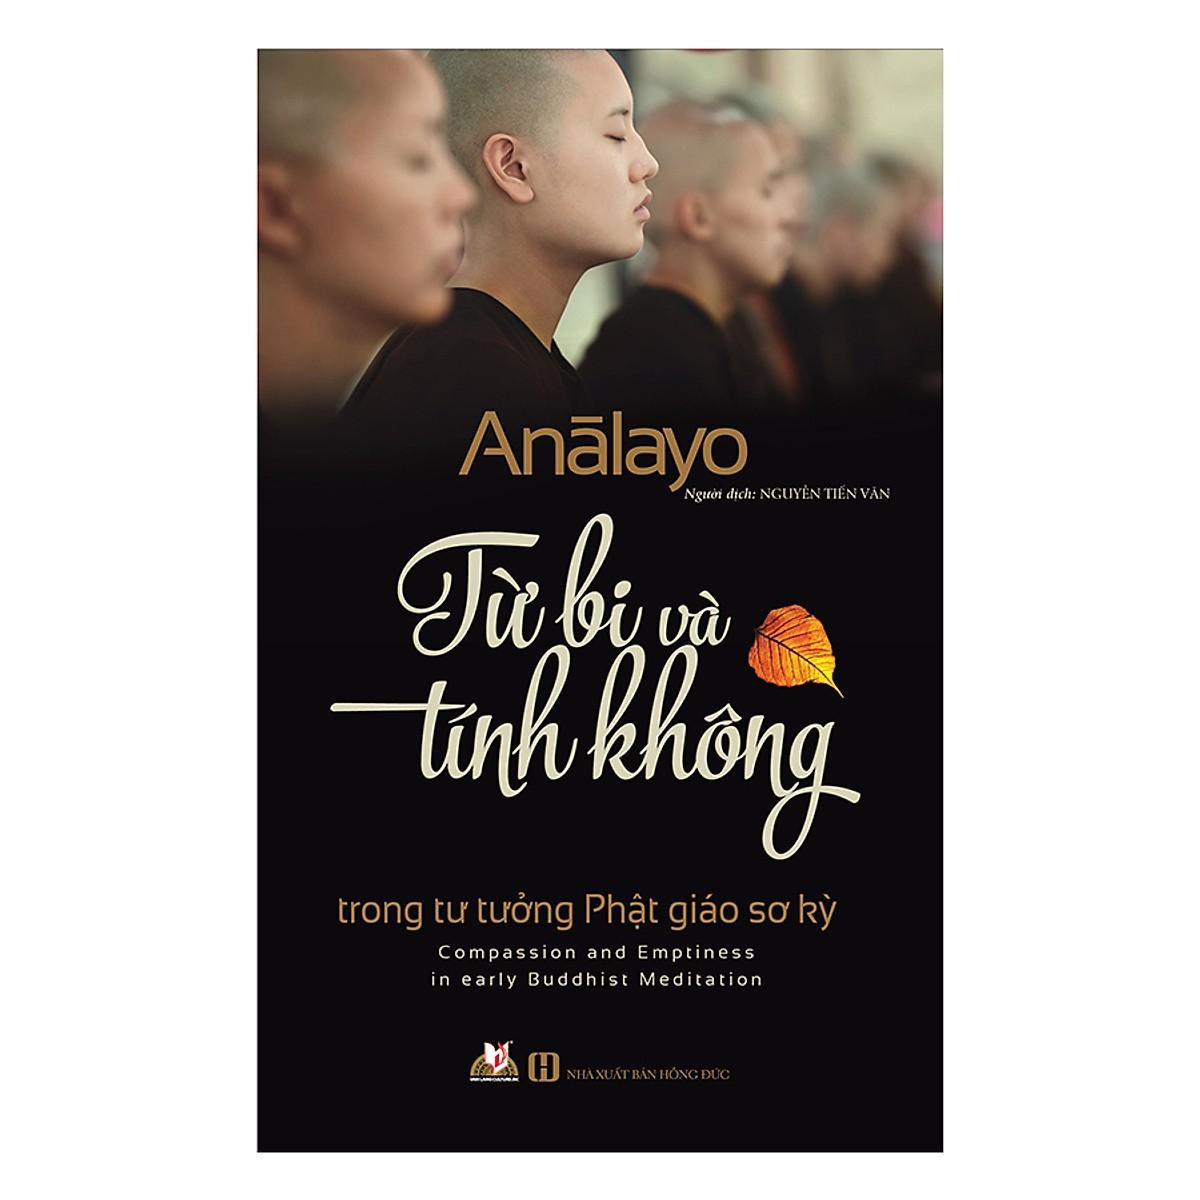 Từ Bi Và Tính Không Trong Tư Tưởng Phật Giáo Sơ Kỳ